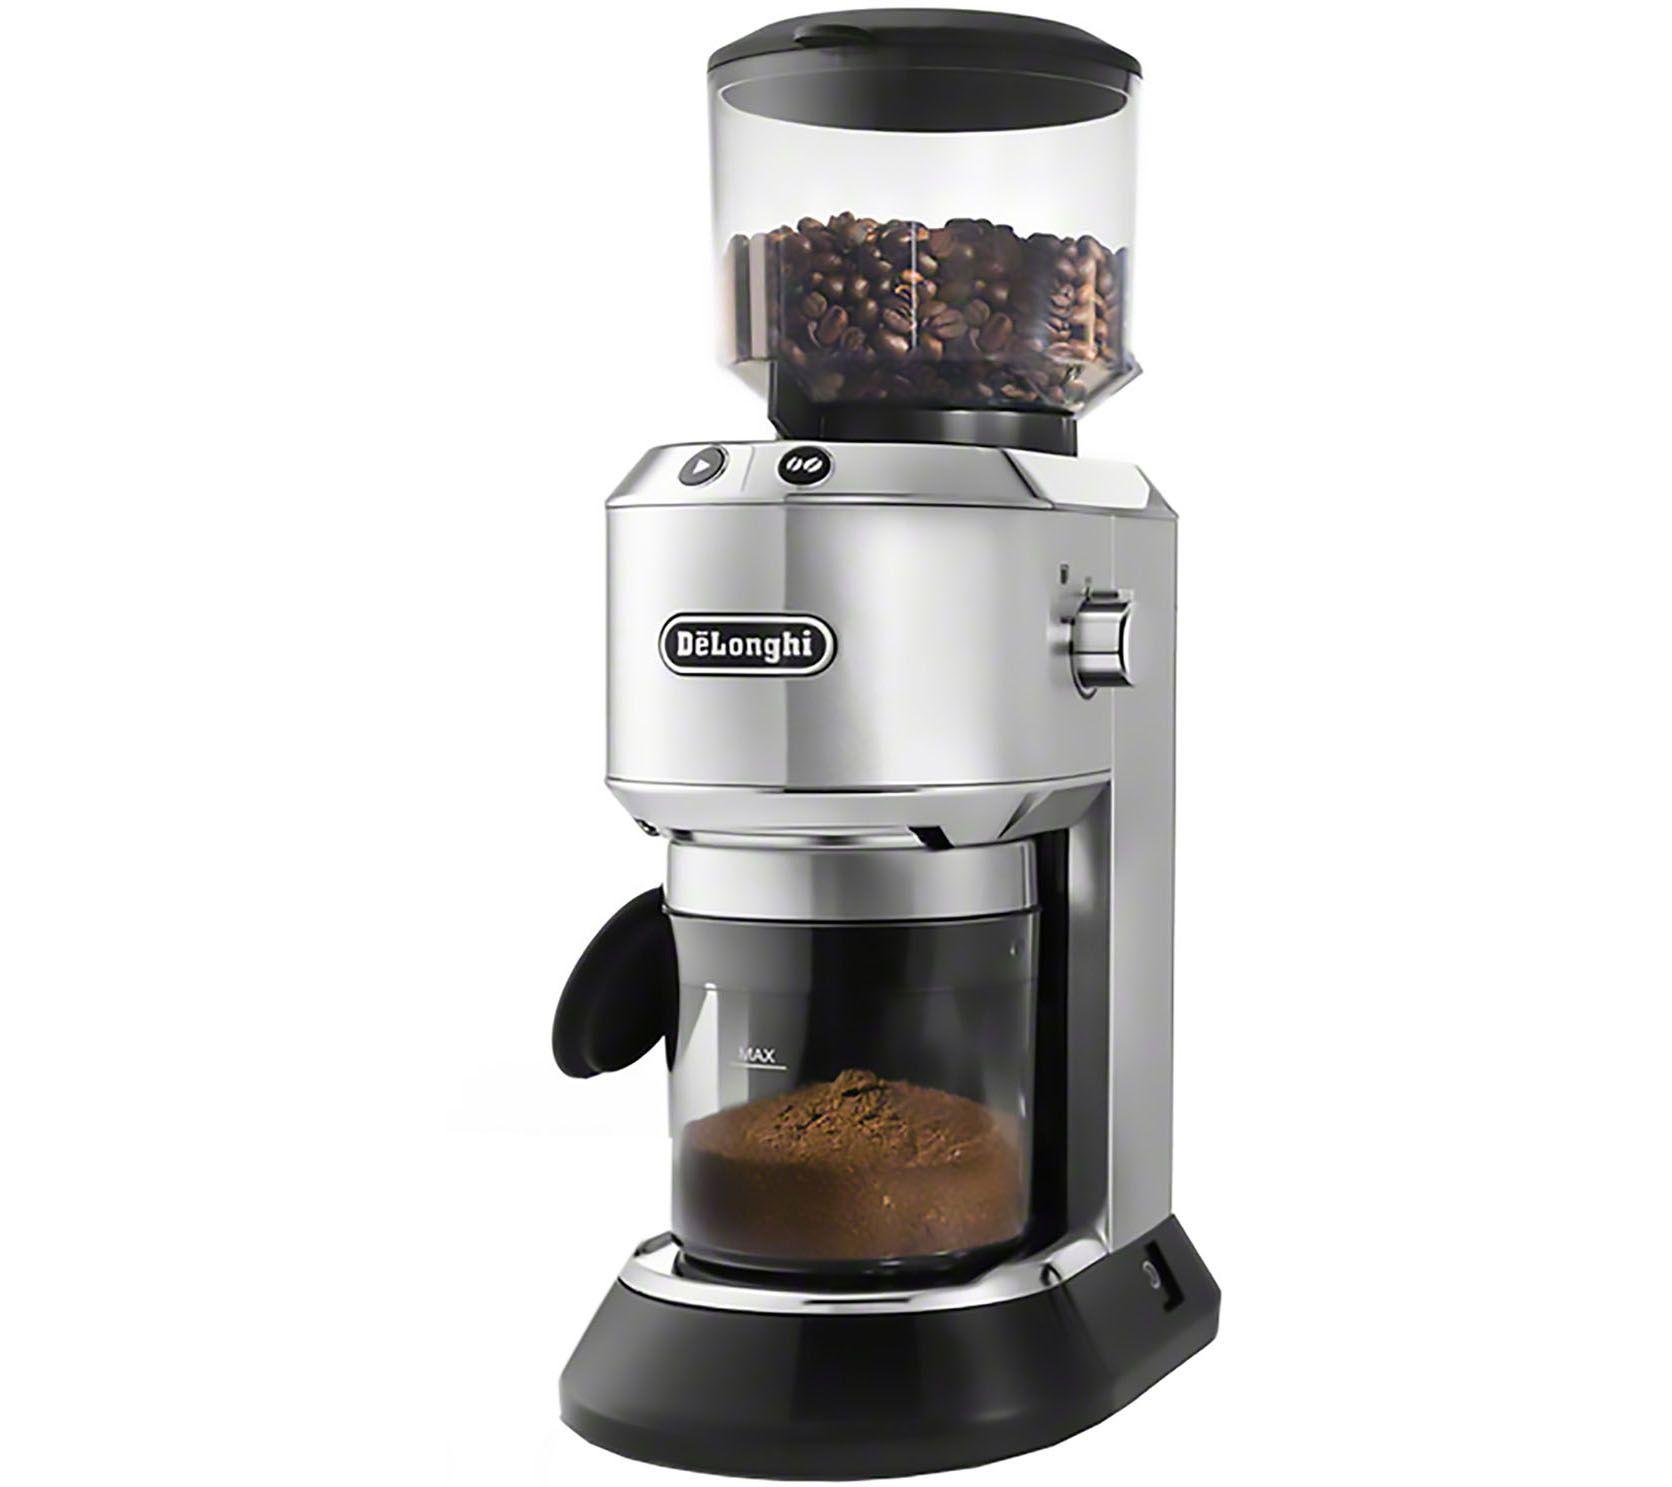 Delonghi Coffee Maker/Grinder Set : DeLonghi Dedica Conical Burr 14-Cup Grinder QVC.com